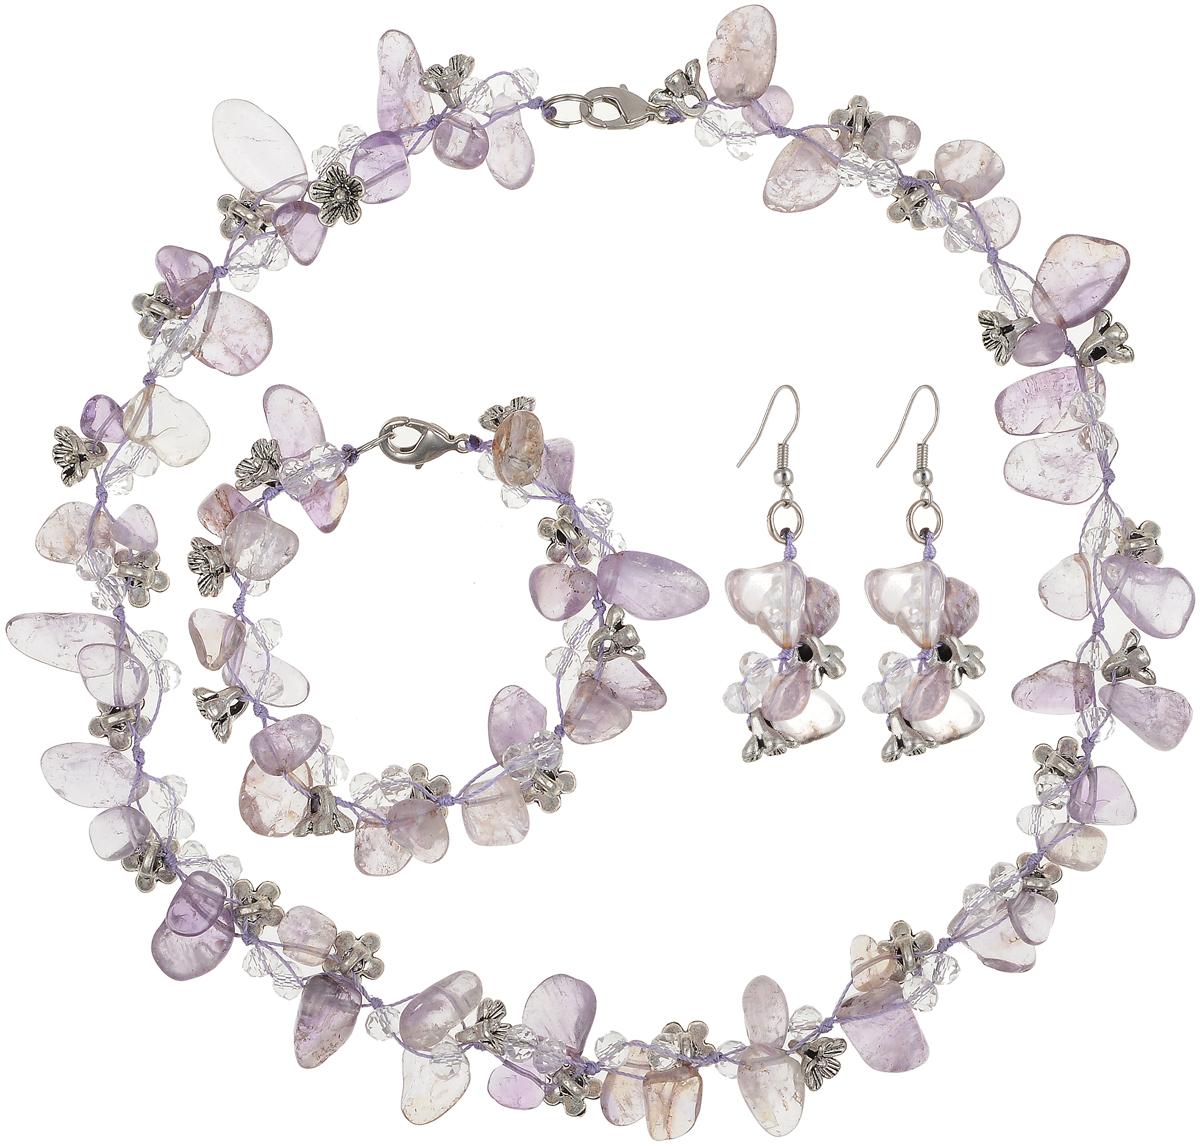 Комплект бижутерии Art-Silver: ожерелье, браслет, серьги, цвет: фиолетовый. СМЦ36-3-956СМЦ36-3-956Великолепный комплект бижутерии Art-Silver состоит из оригинального ожерелья, сережек и браслета. Изделия выполнены из бижутерного сплава, аметиста и кристаллов. Серьги дополнены удобной застежкой-петлей, что обеспечивает надежное удержание серьги. Ожерелье оформлено бусинами различного диаметра, застегивается на застежку-карабин. Браслет оформлен бусинами и застегивается на застежку-карабин.